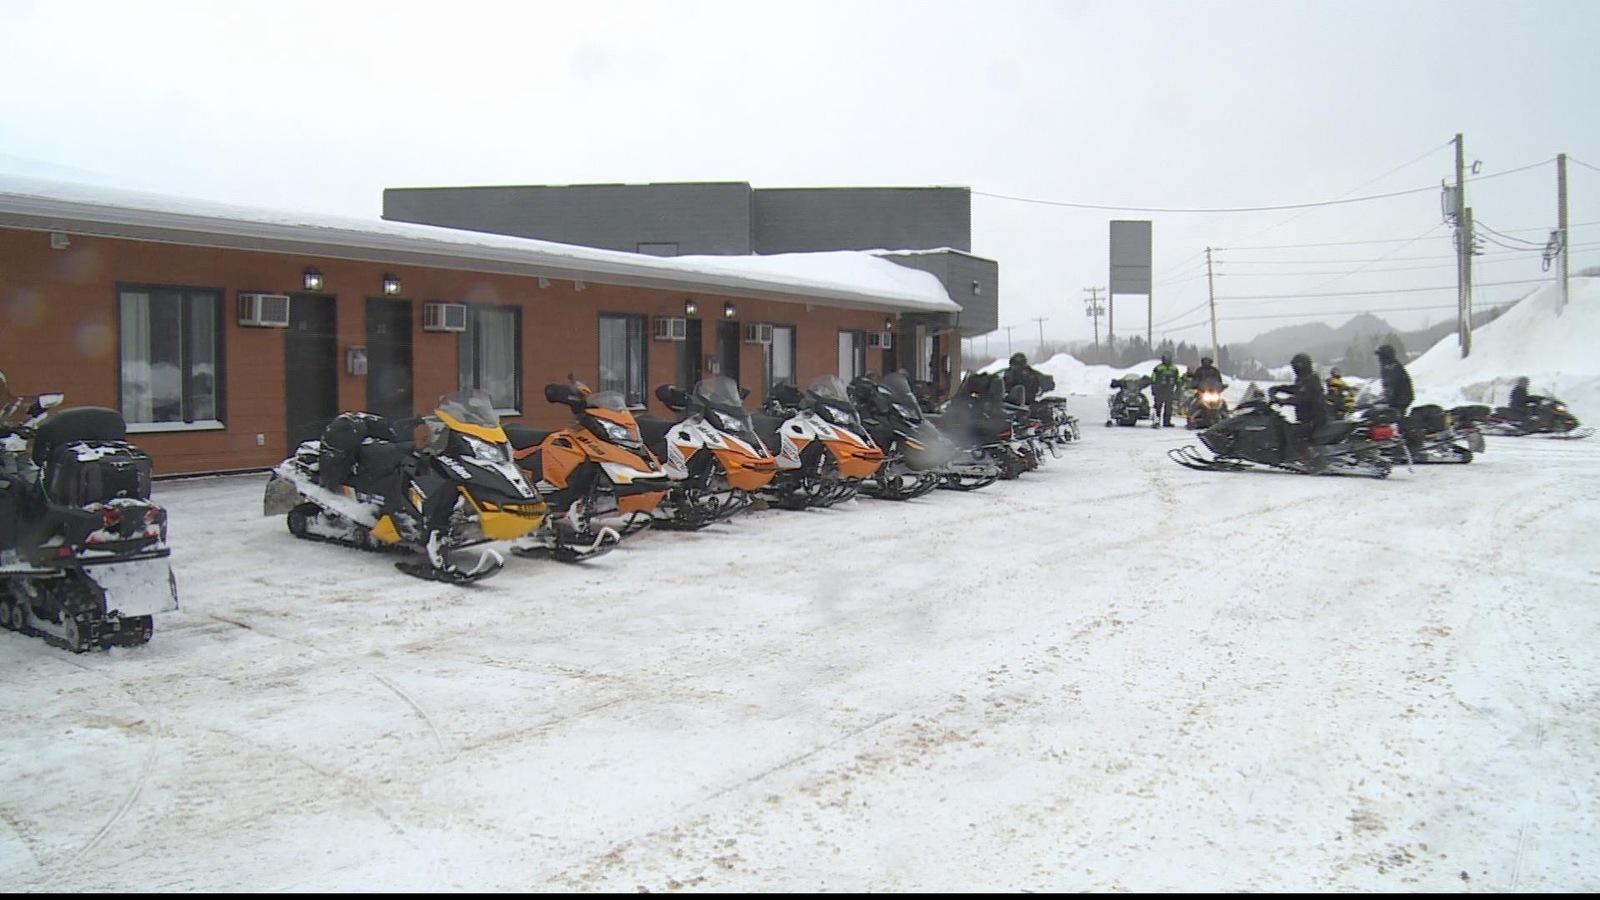 Des motoneigistes devant une partie du Motel Interprovincial à Pointe-à-la-Croix.